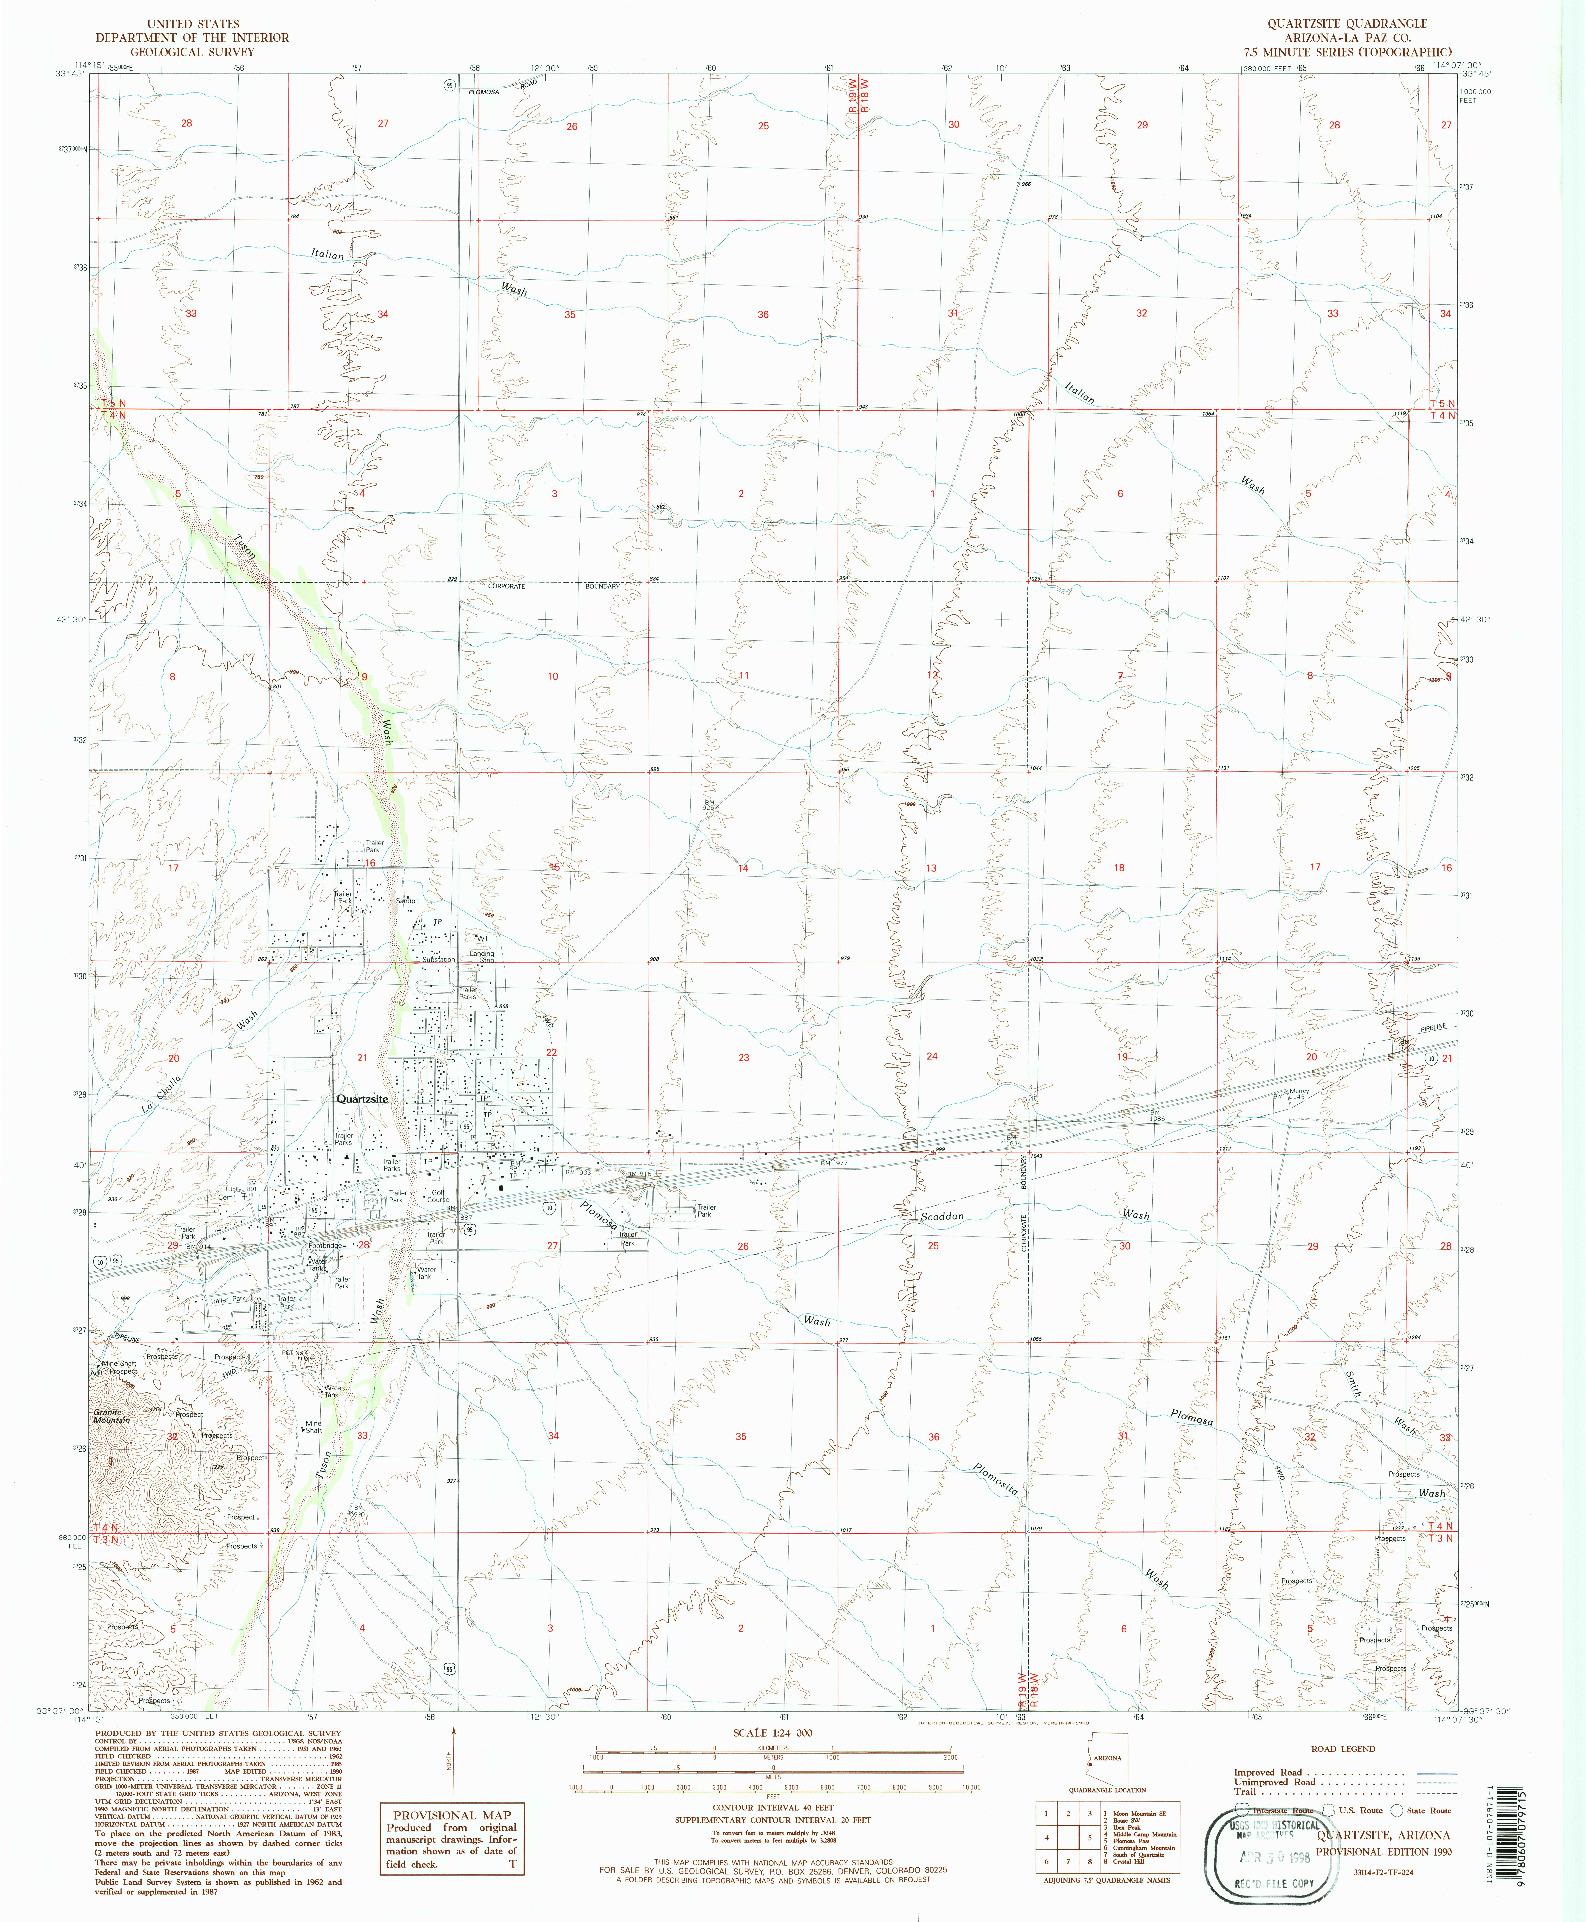 USGS 1:24000-SCALE QUADRANGLE FOR QUARTZSITE, AZ 1990